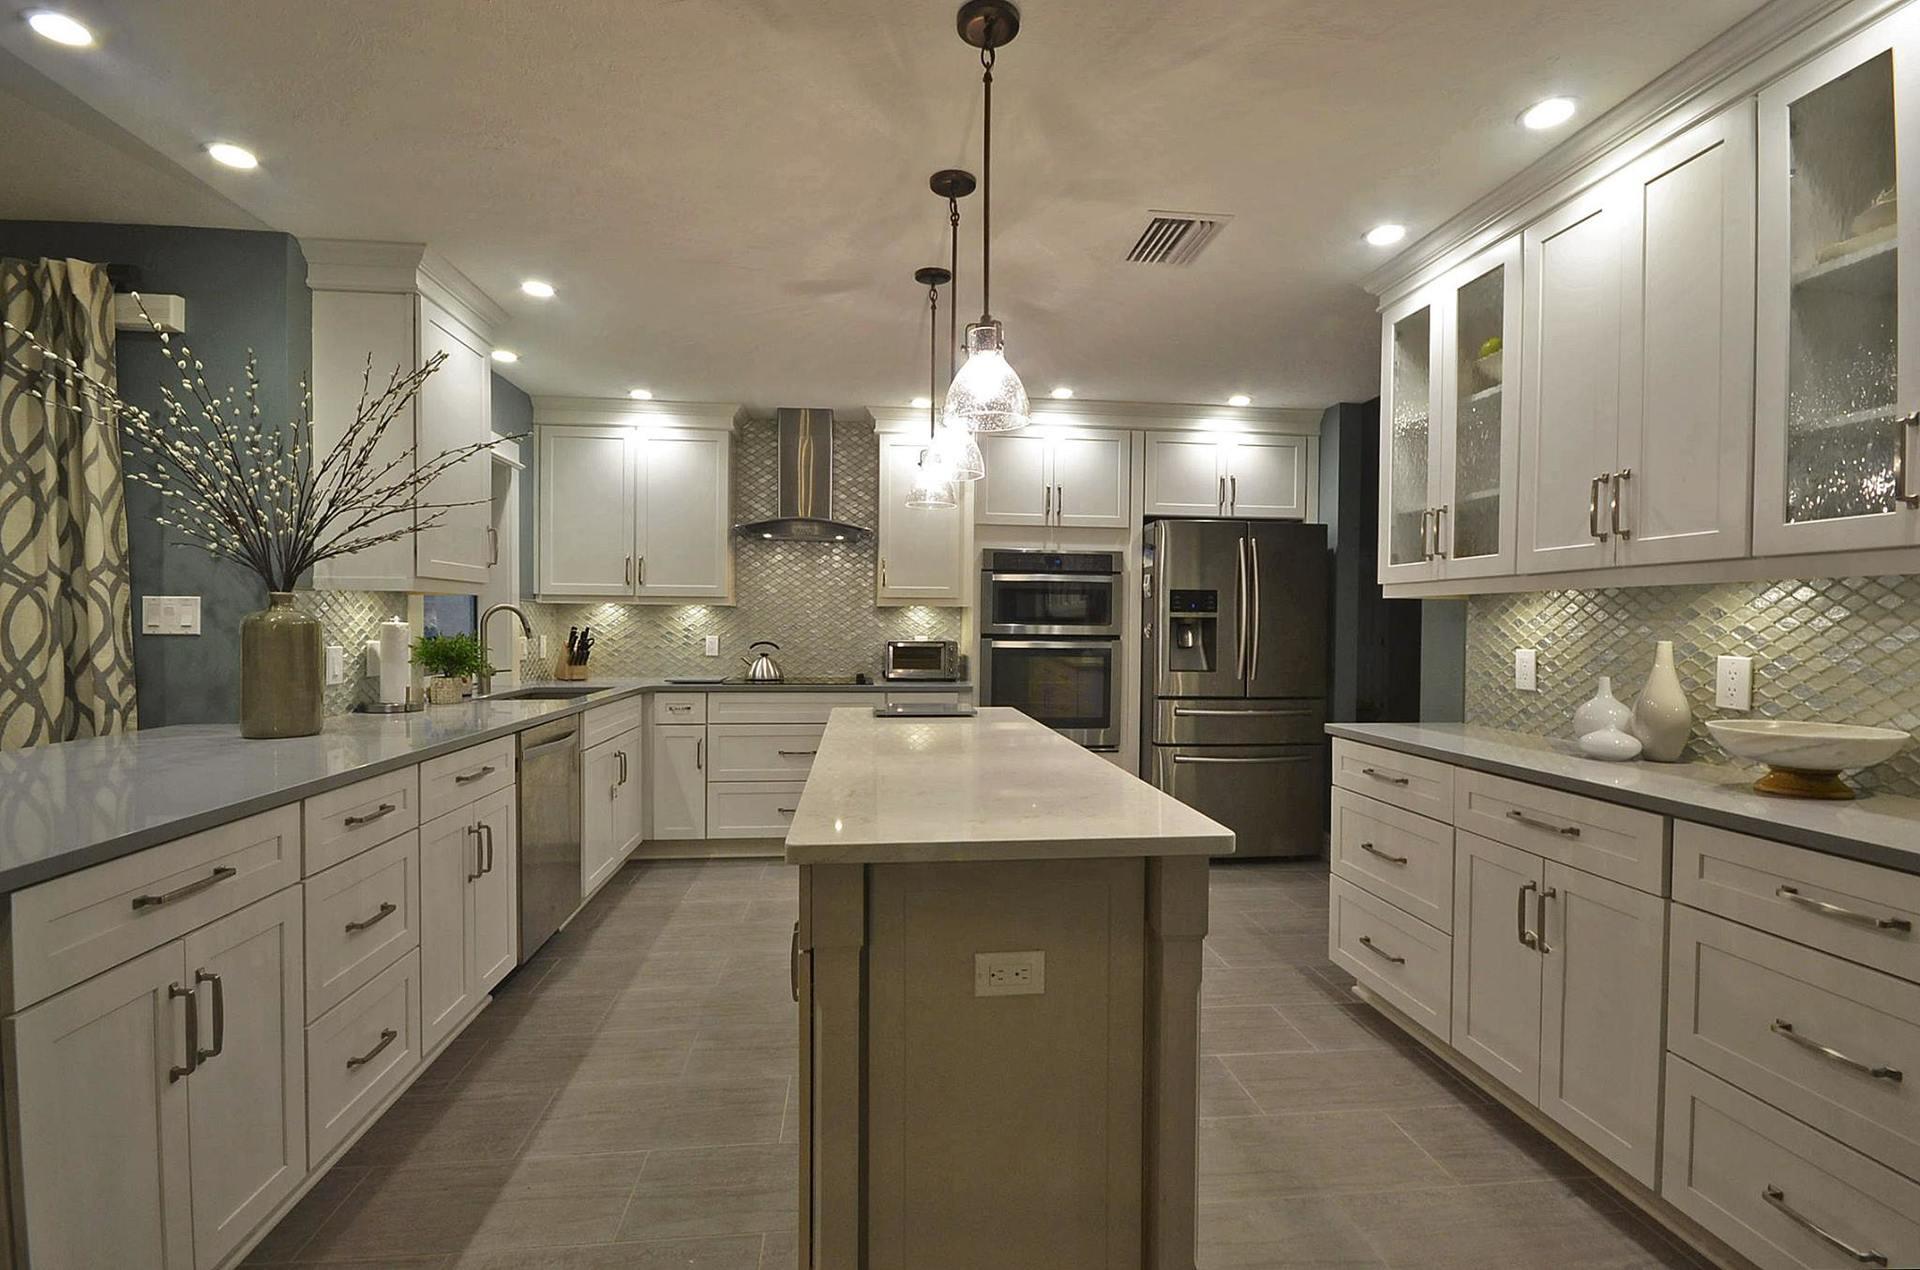 Coastal Kitchens, Inc. image 3